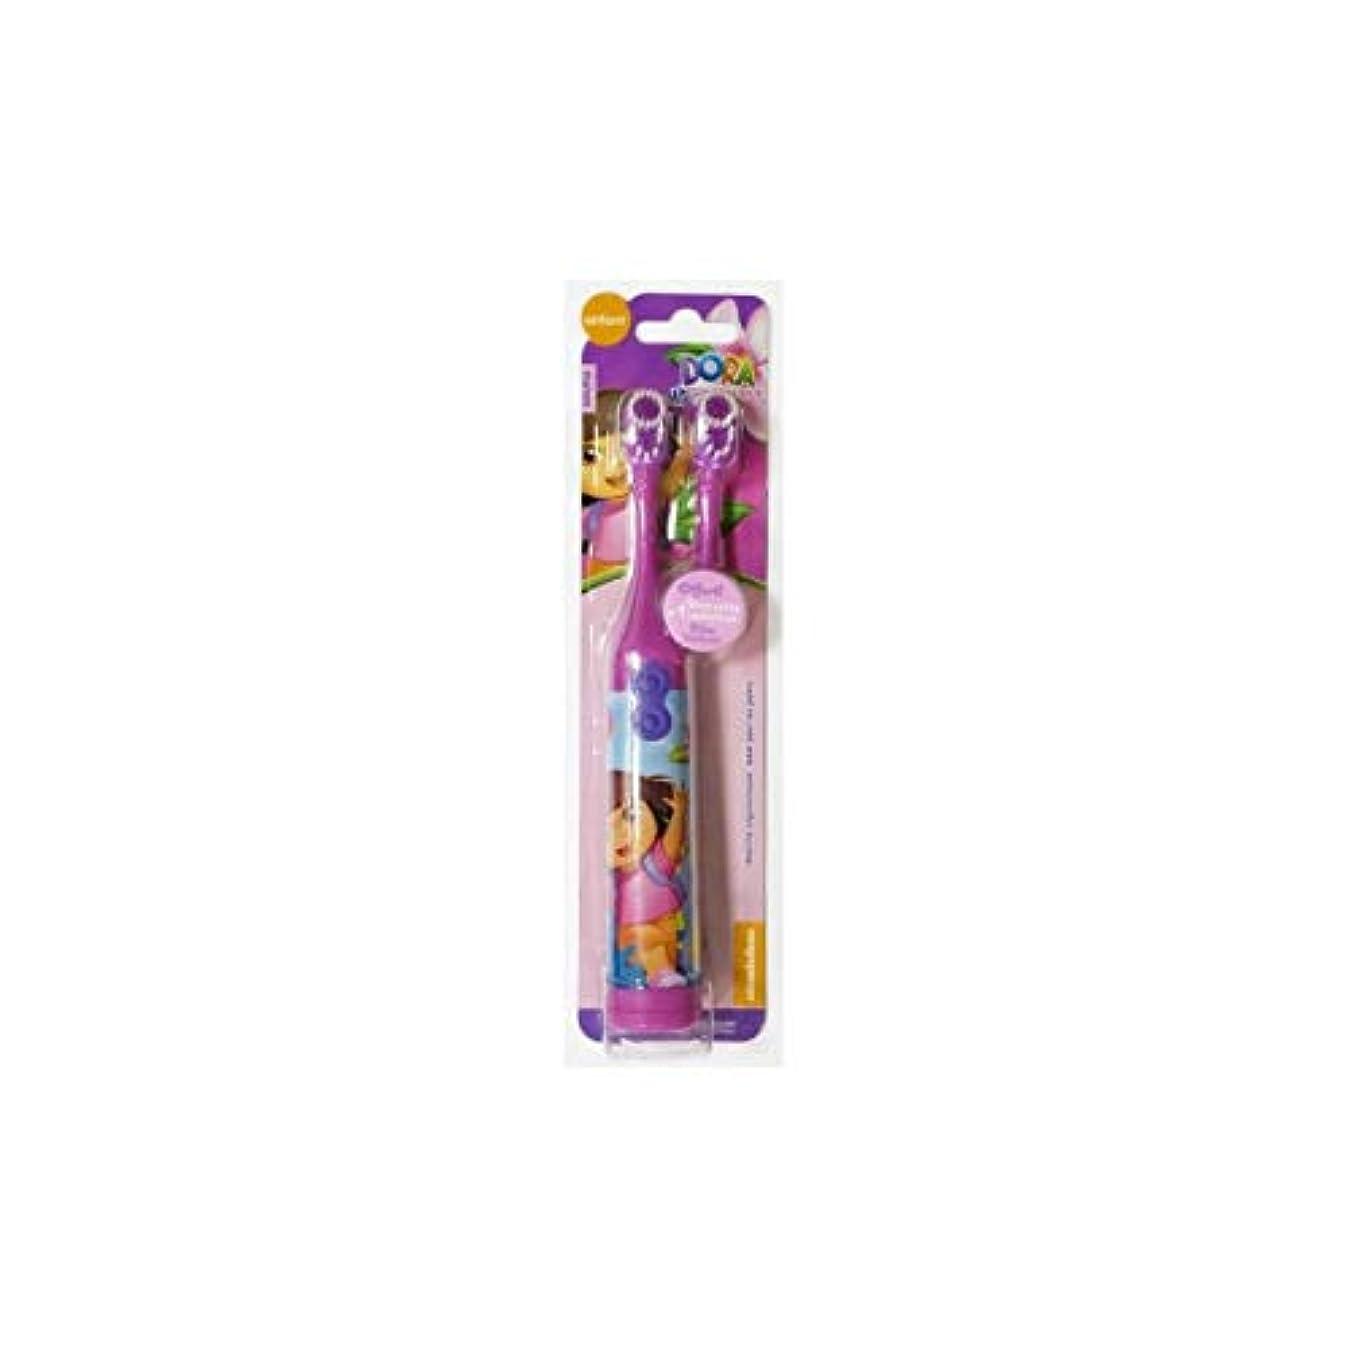 偏差バイパス反乱ドーラ子供用電動歯ブラシ(DORA Electric spin Toothbrush for Kids)